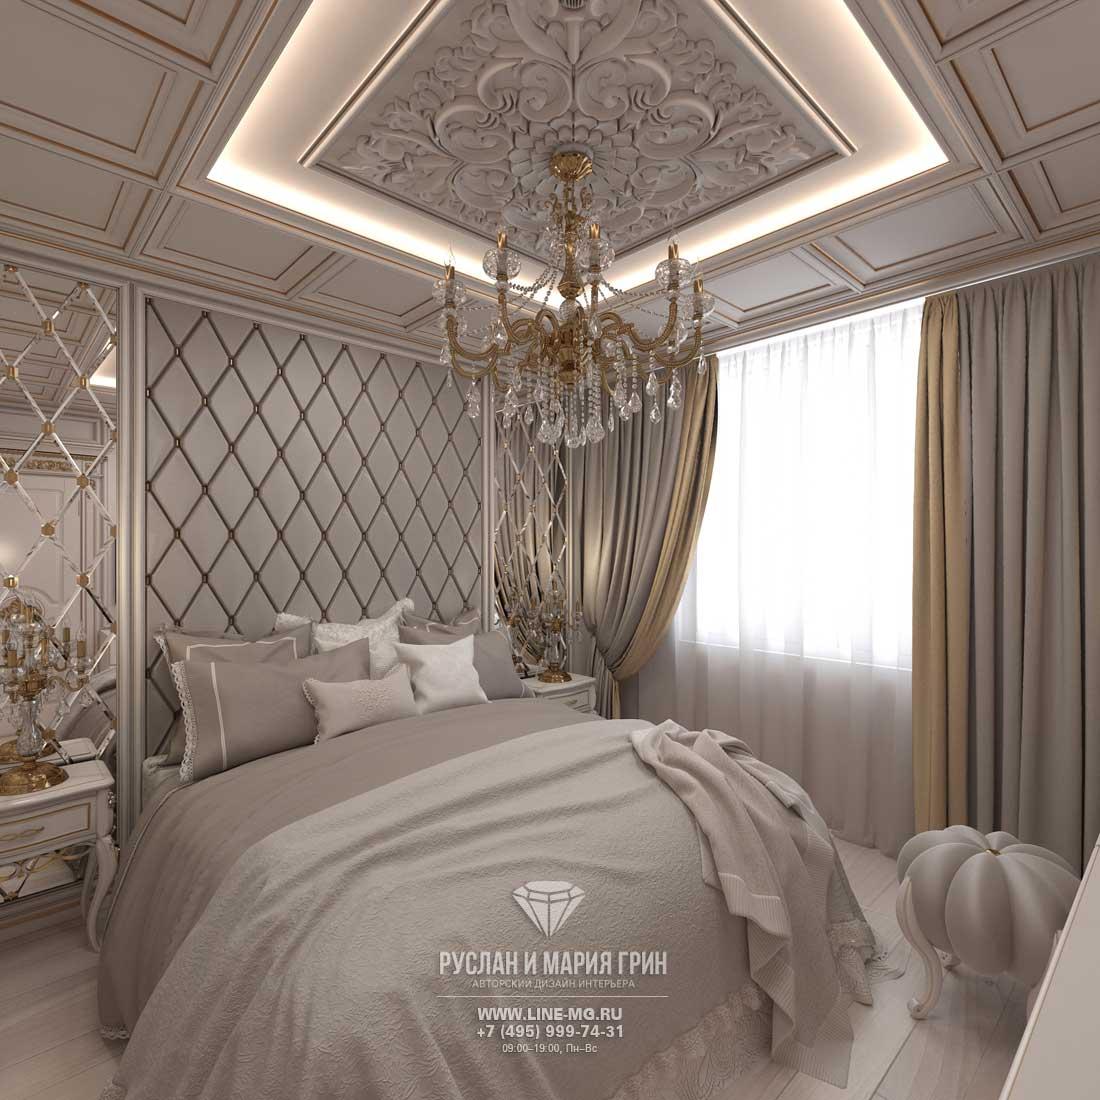 Cовременные идеи дизайна спальни 2016 53 фото новинок интерьеров